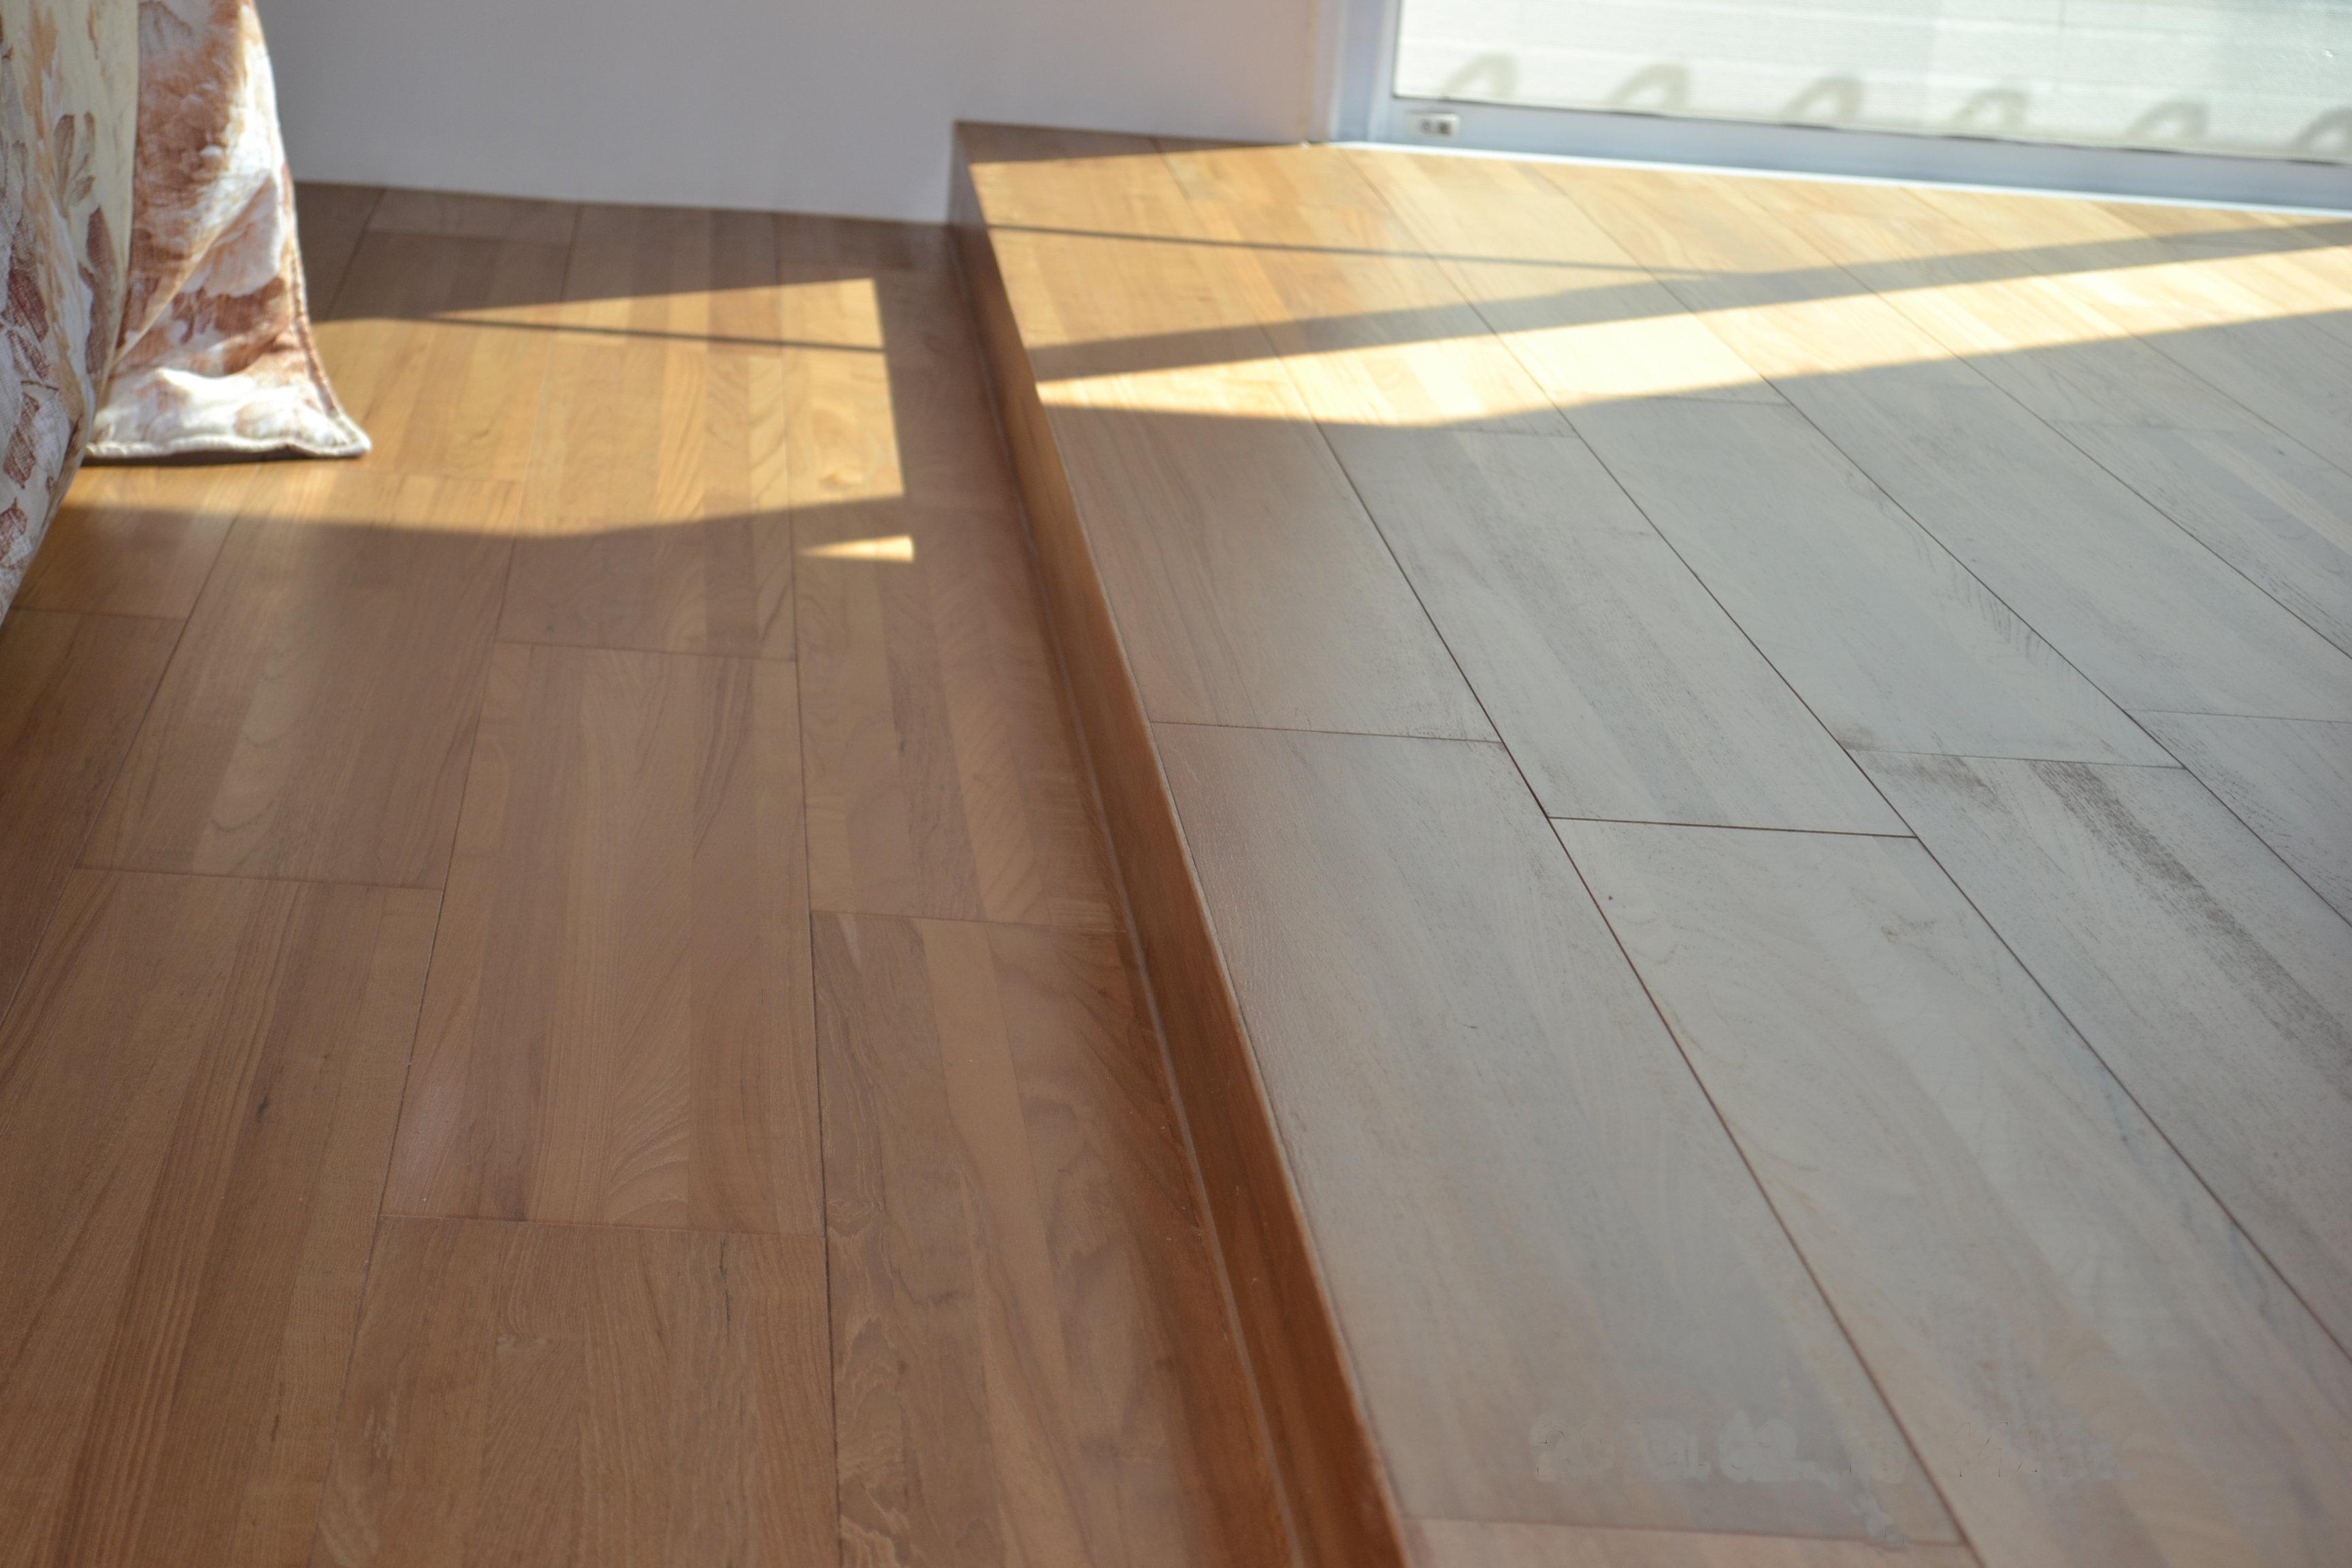 新原古-藝術多拼 緬甸柚木 海島複合地板 5寸5分厚單片300條